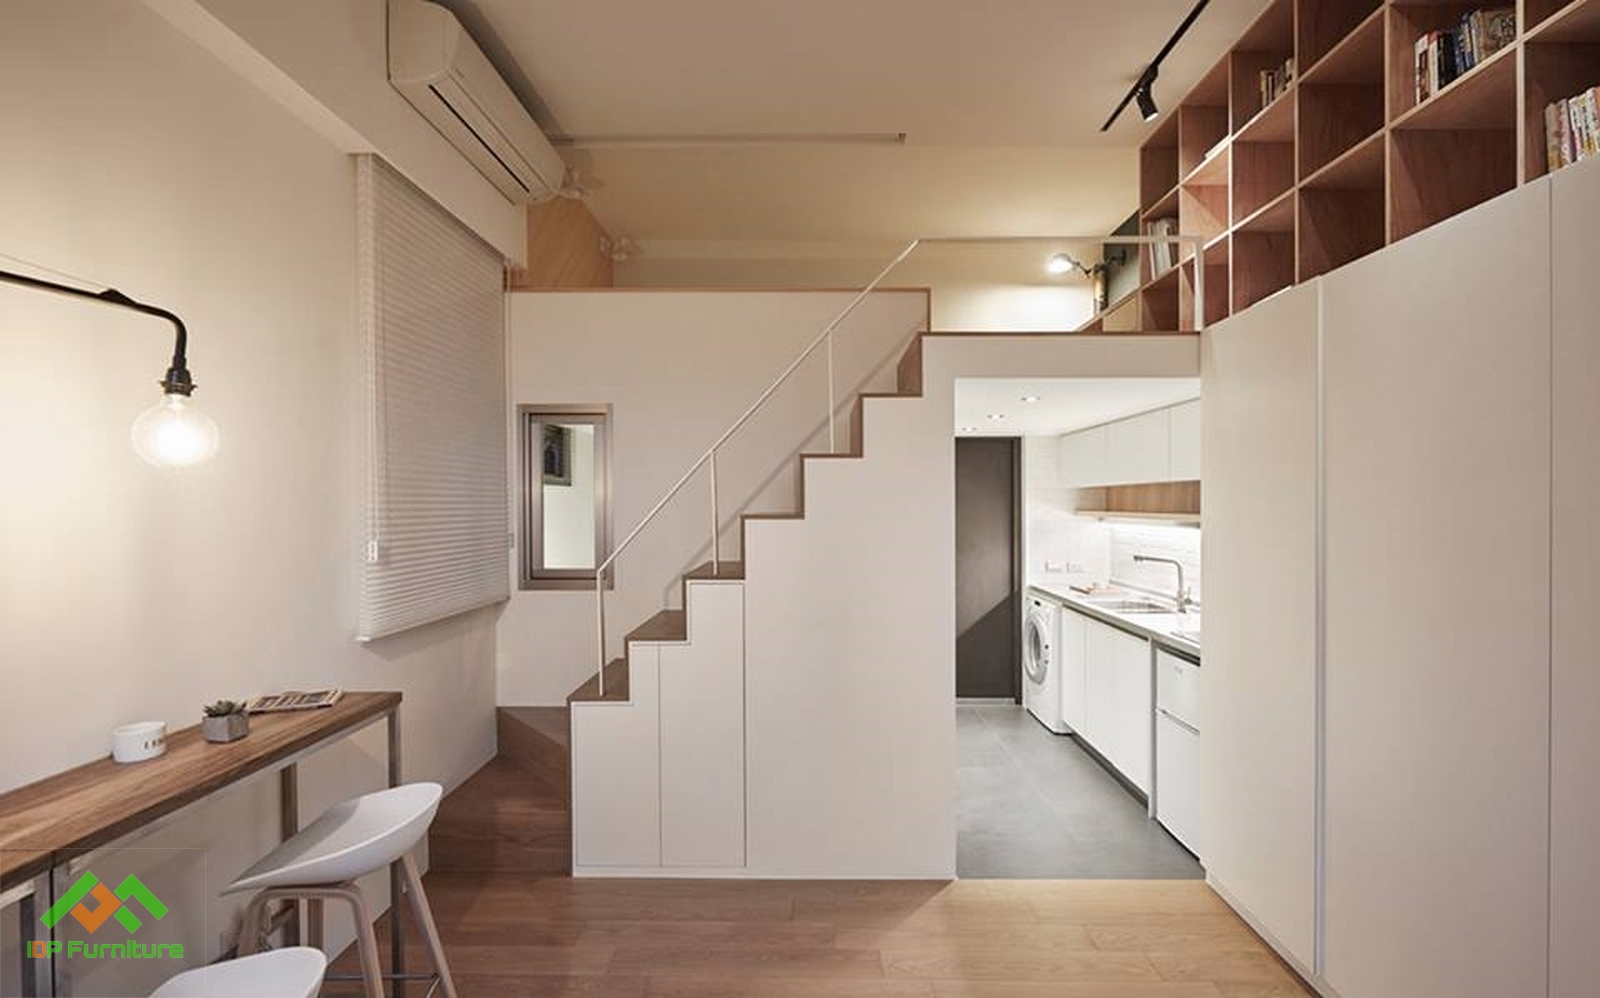 thiết kế căn hộ 30m